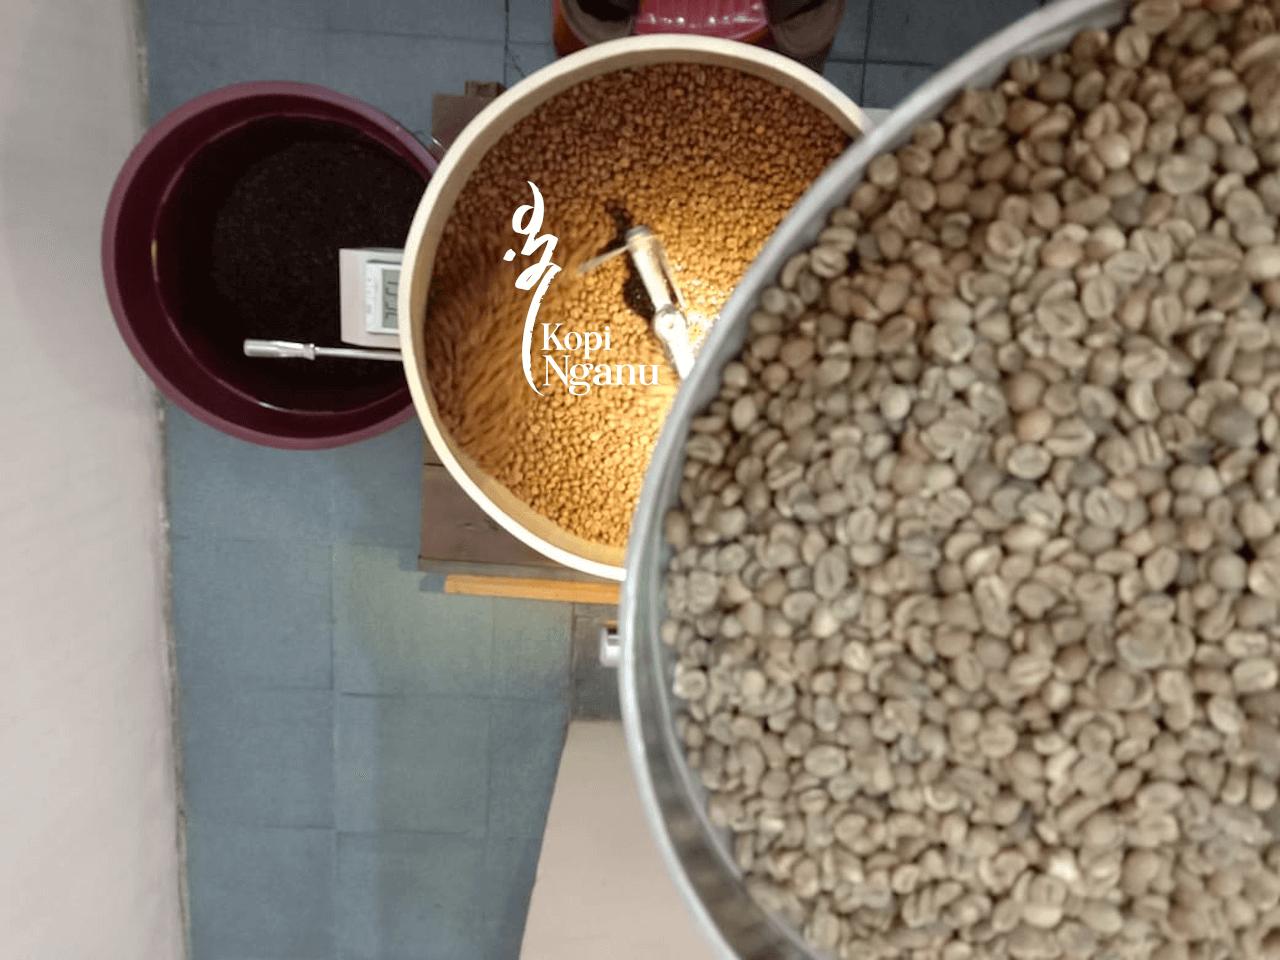 kopi toraja kopi aceh kopi kerinci kopi arabika kopi robusta kopi nganu 39